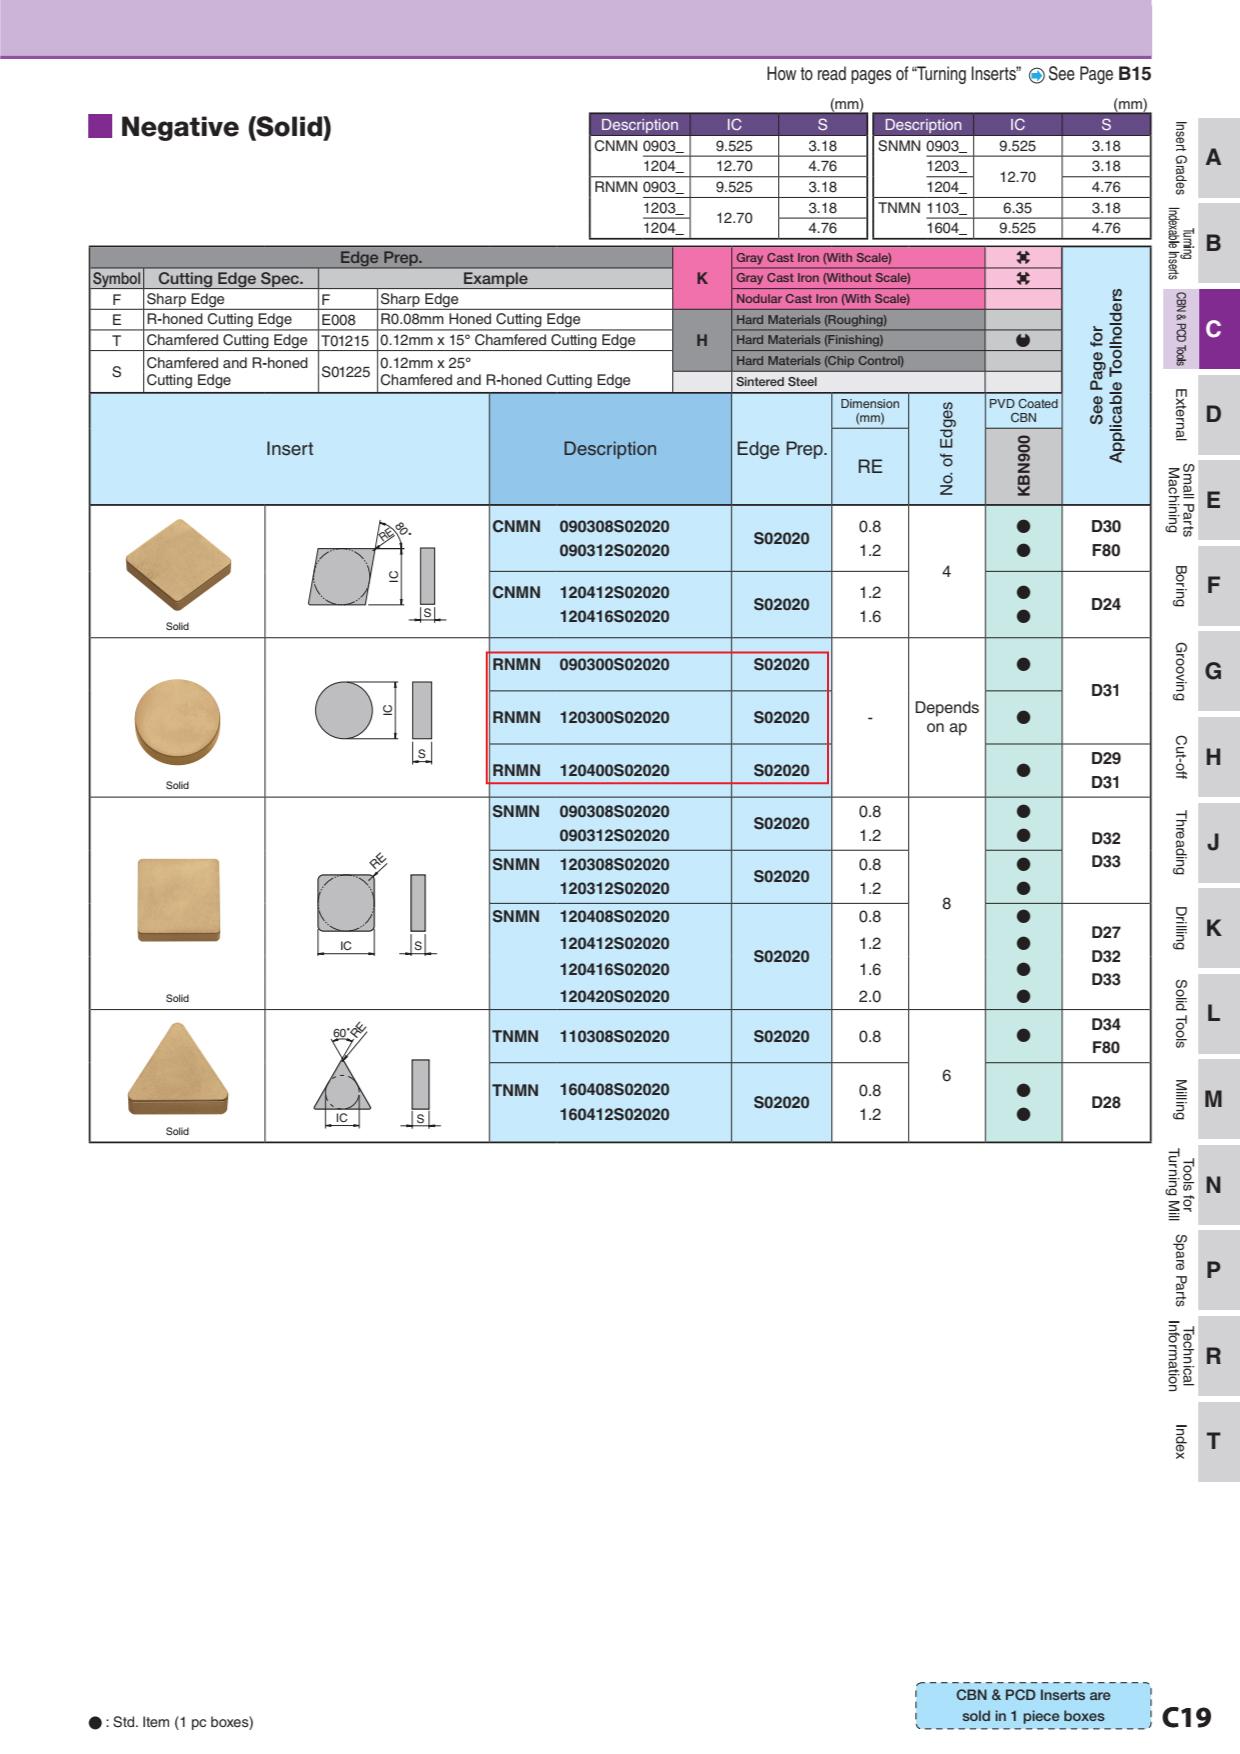 Mảnh Dao Tiện CBN Kyocera RNMN0903 - RNMN1203 - RNMN1204 (KBN900) 2